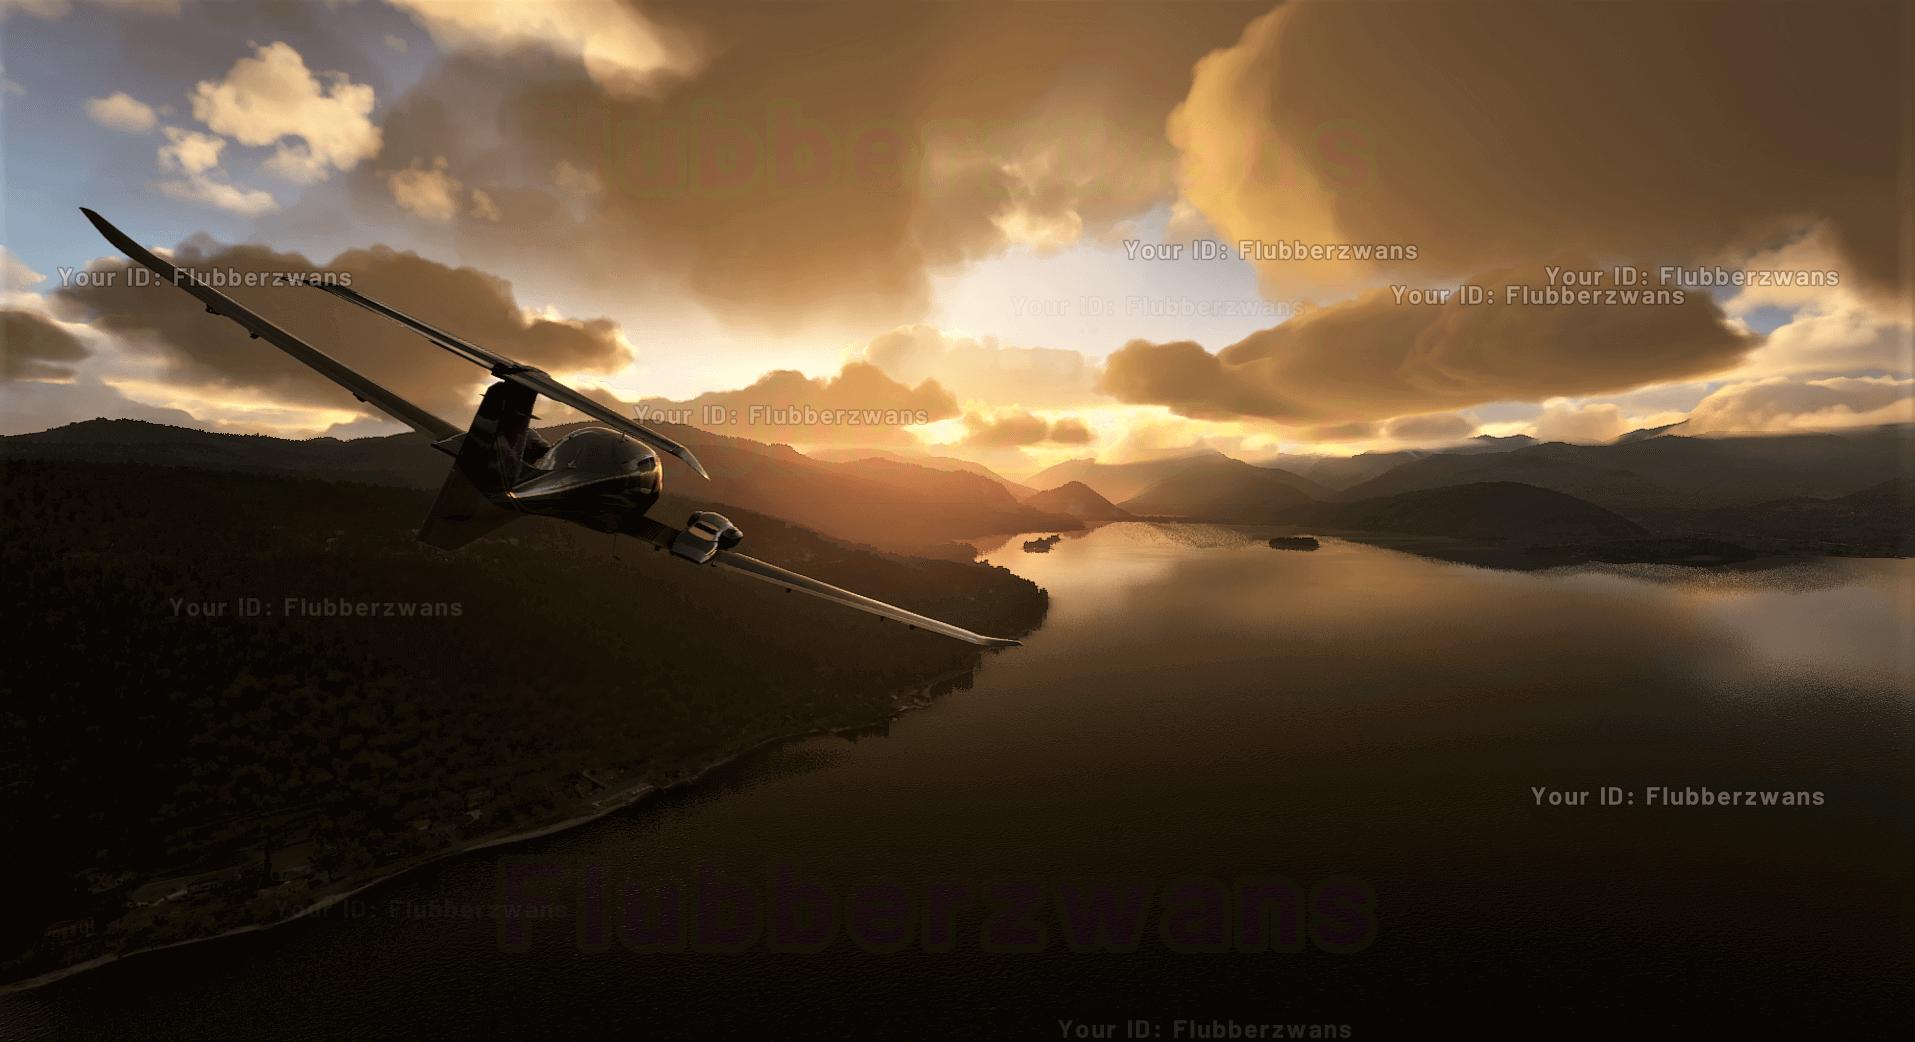 微软飞行模拟公布新截图将于本月底开启封闭测试